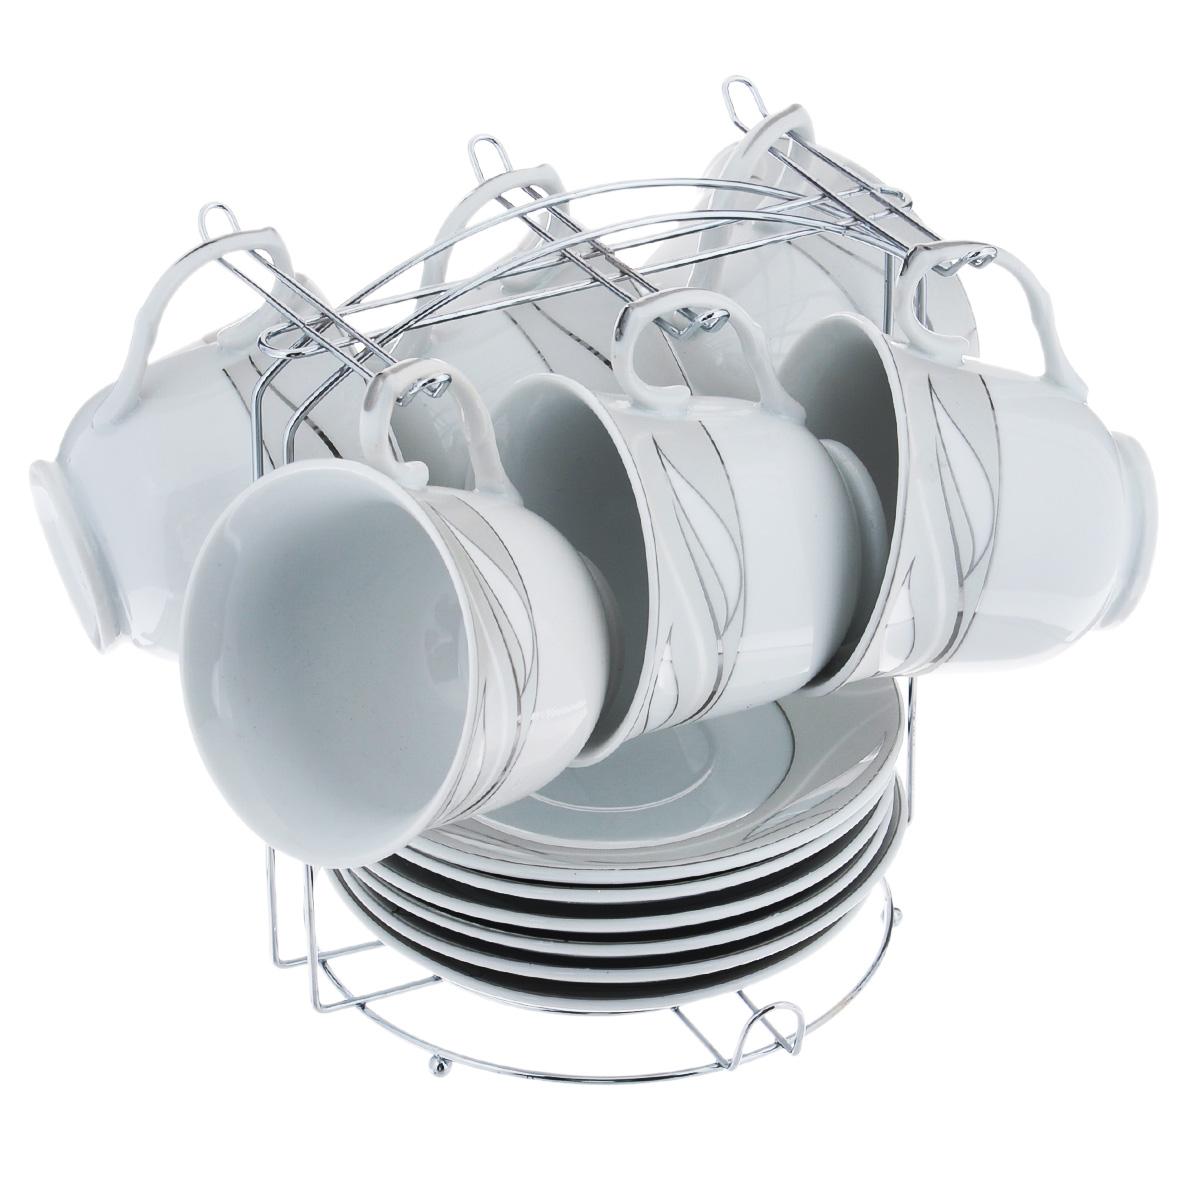 Набор чайный Bekker, 13 предметов. BK-6802BK-6802Чайный набор Bekker состоит из 6 чашек, 6 блюдец и металлической подставки. Изделия выполнены из высококачественного фарфора белого цвета, украшенного изящными цветочными узорами серебристой эмалью. Для предметов набора предусмотрена специальная металлическая подставка с крючками для чашек и подставкой для блюдец. Изящный чайный набор прекрасно оформит стол к чаепитию и станет замечательным подарком для любой хозяйки. Можно мыть в посудомоечной машине. Объем чашки: 220 мл. Диаметр чашки (по верхнему краю): 9 см. Высота чашки: 7,5 см. Диаметр блюдца: 14 см.